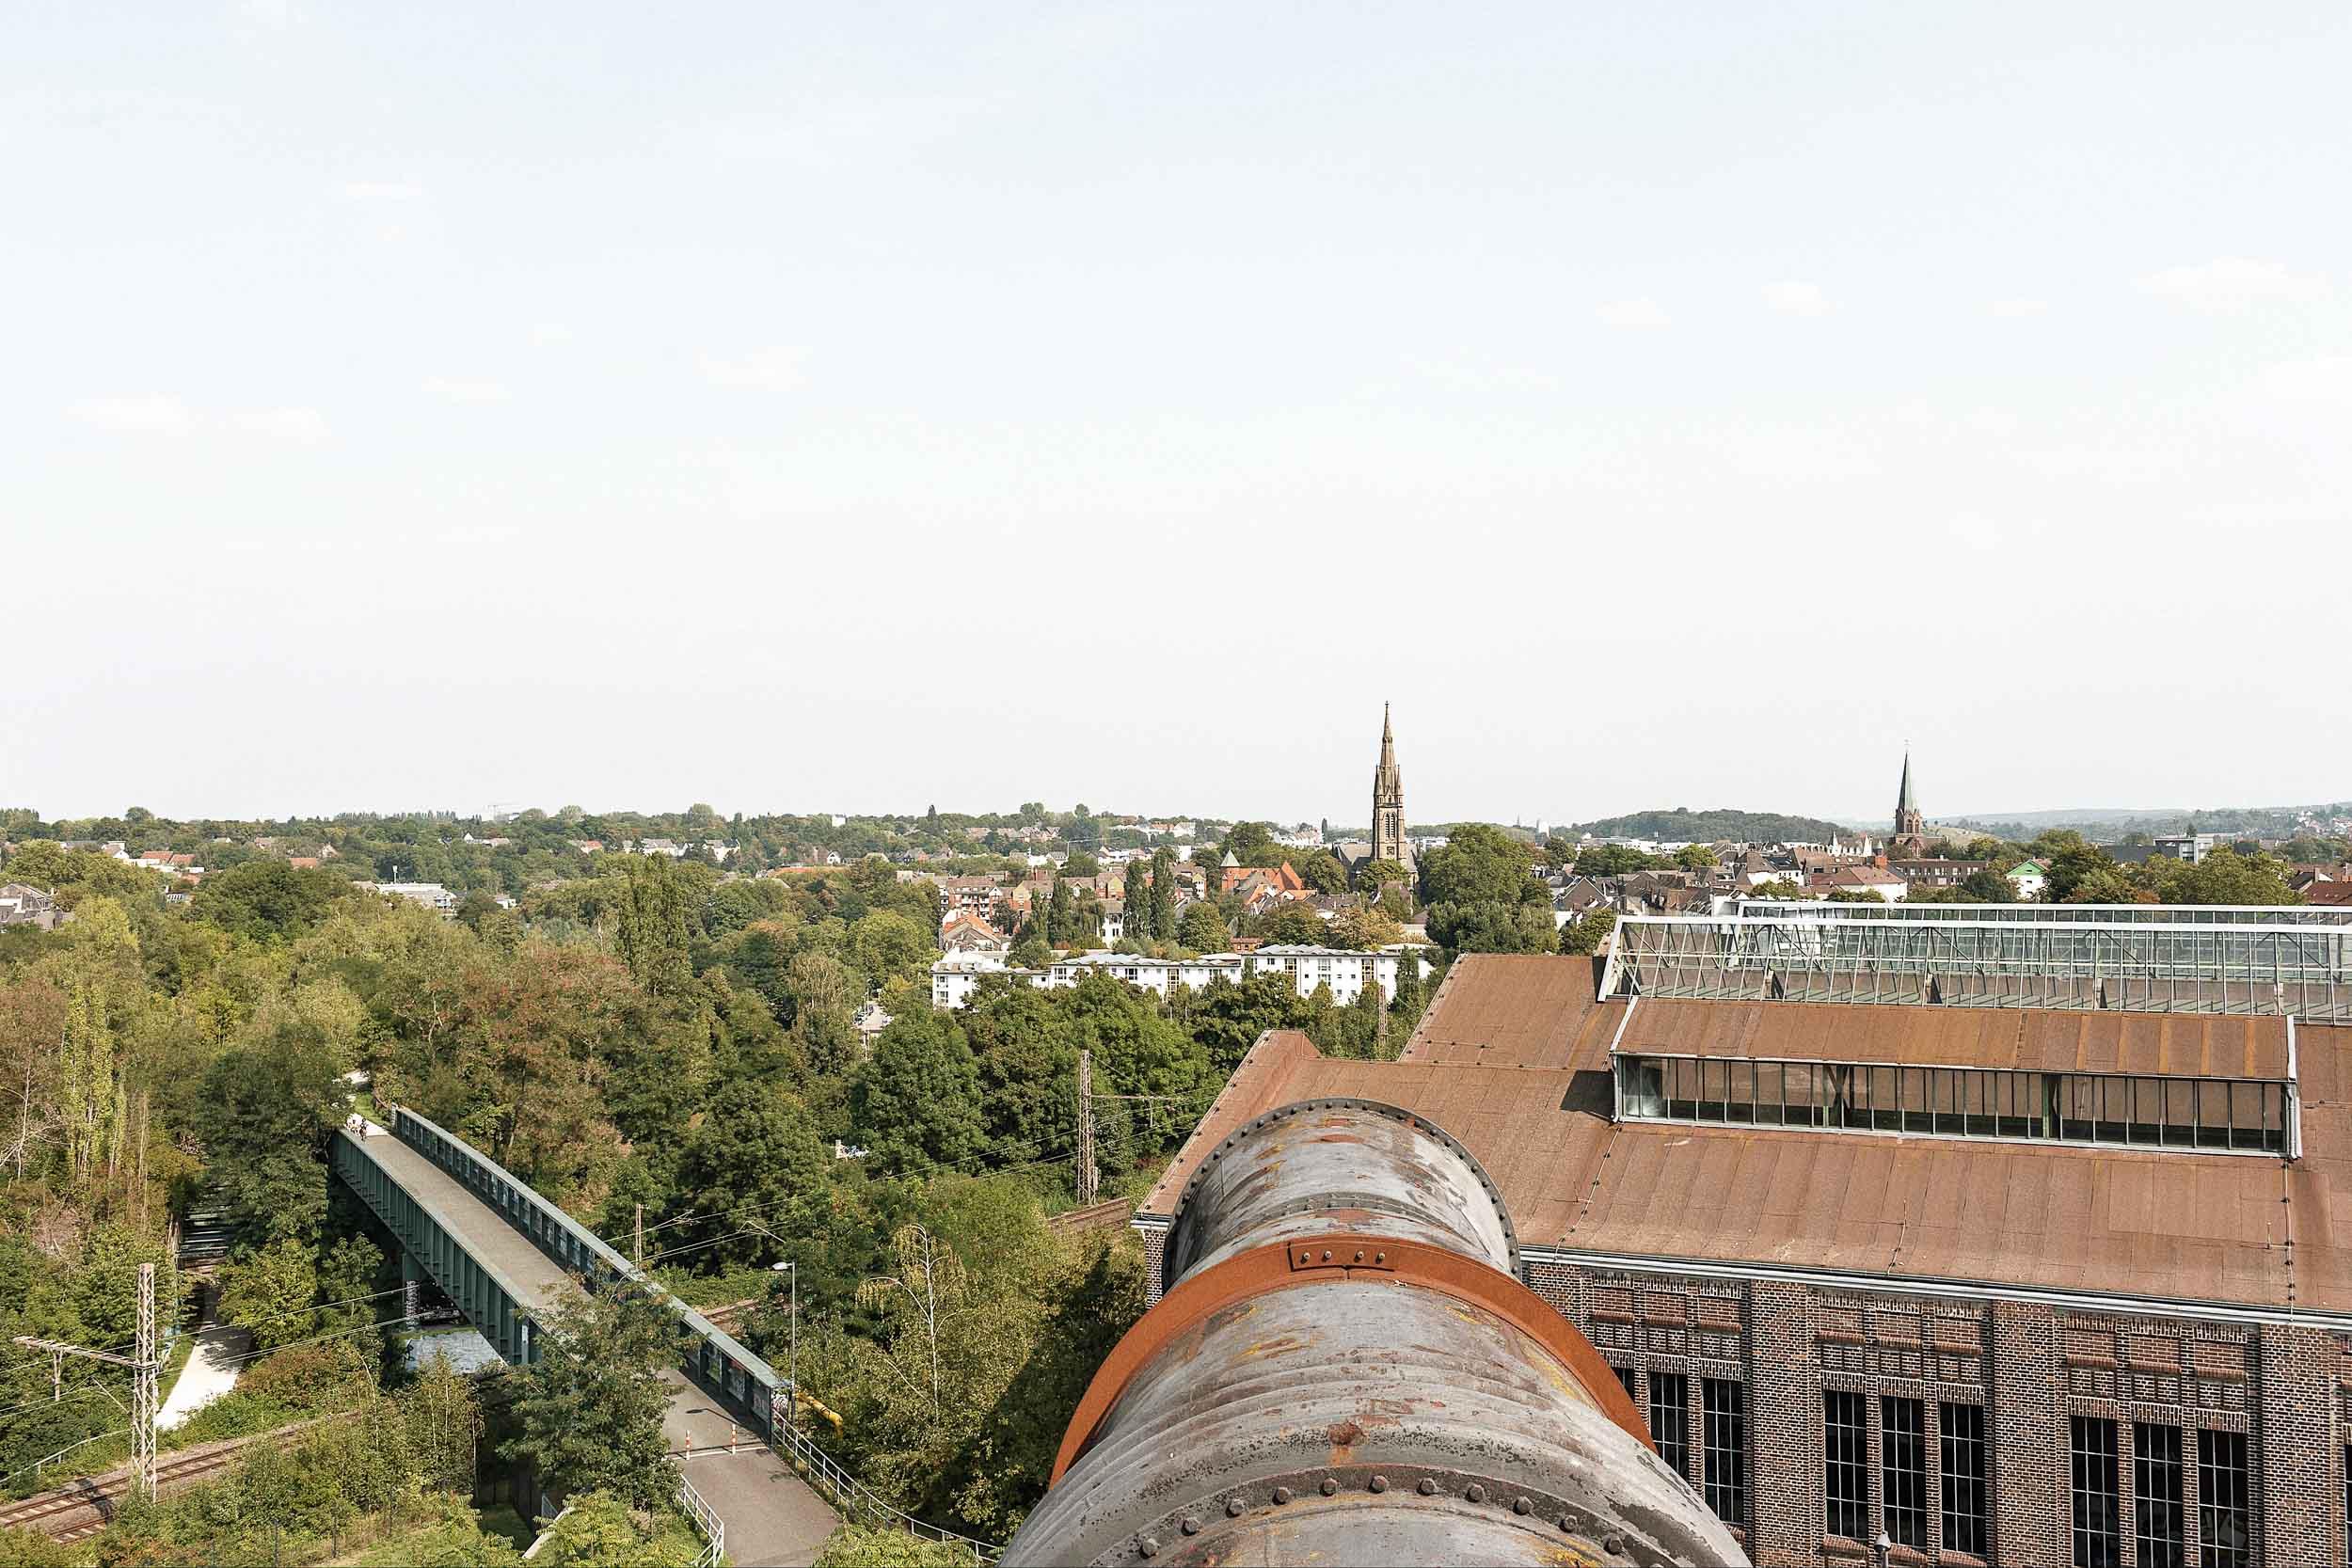 ckanani-german-industrial-region-ruhr-185.jpg